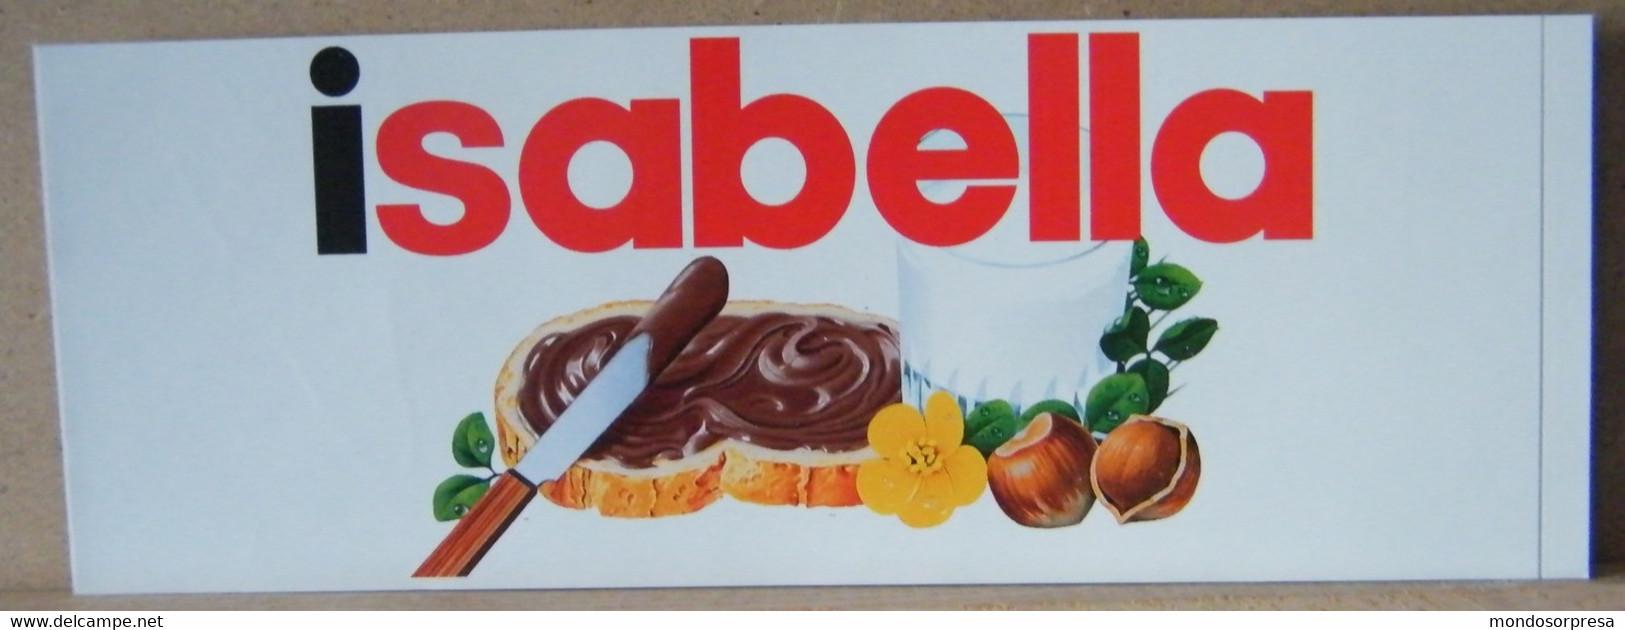 MONDOSORPRESA, ADESIVI NUTELLA NOMI, ISABELLA - Nutella